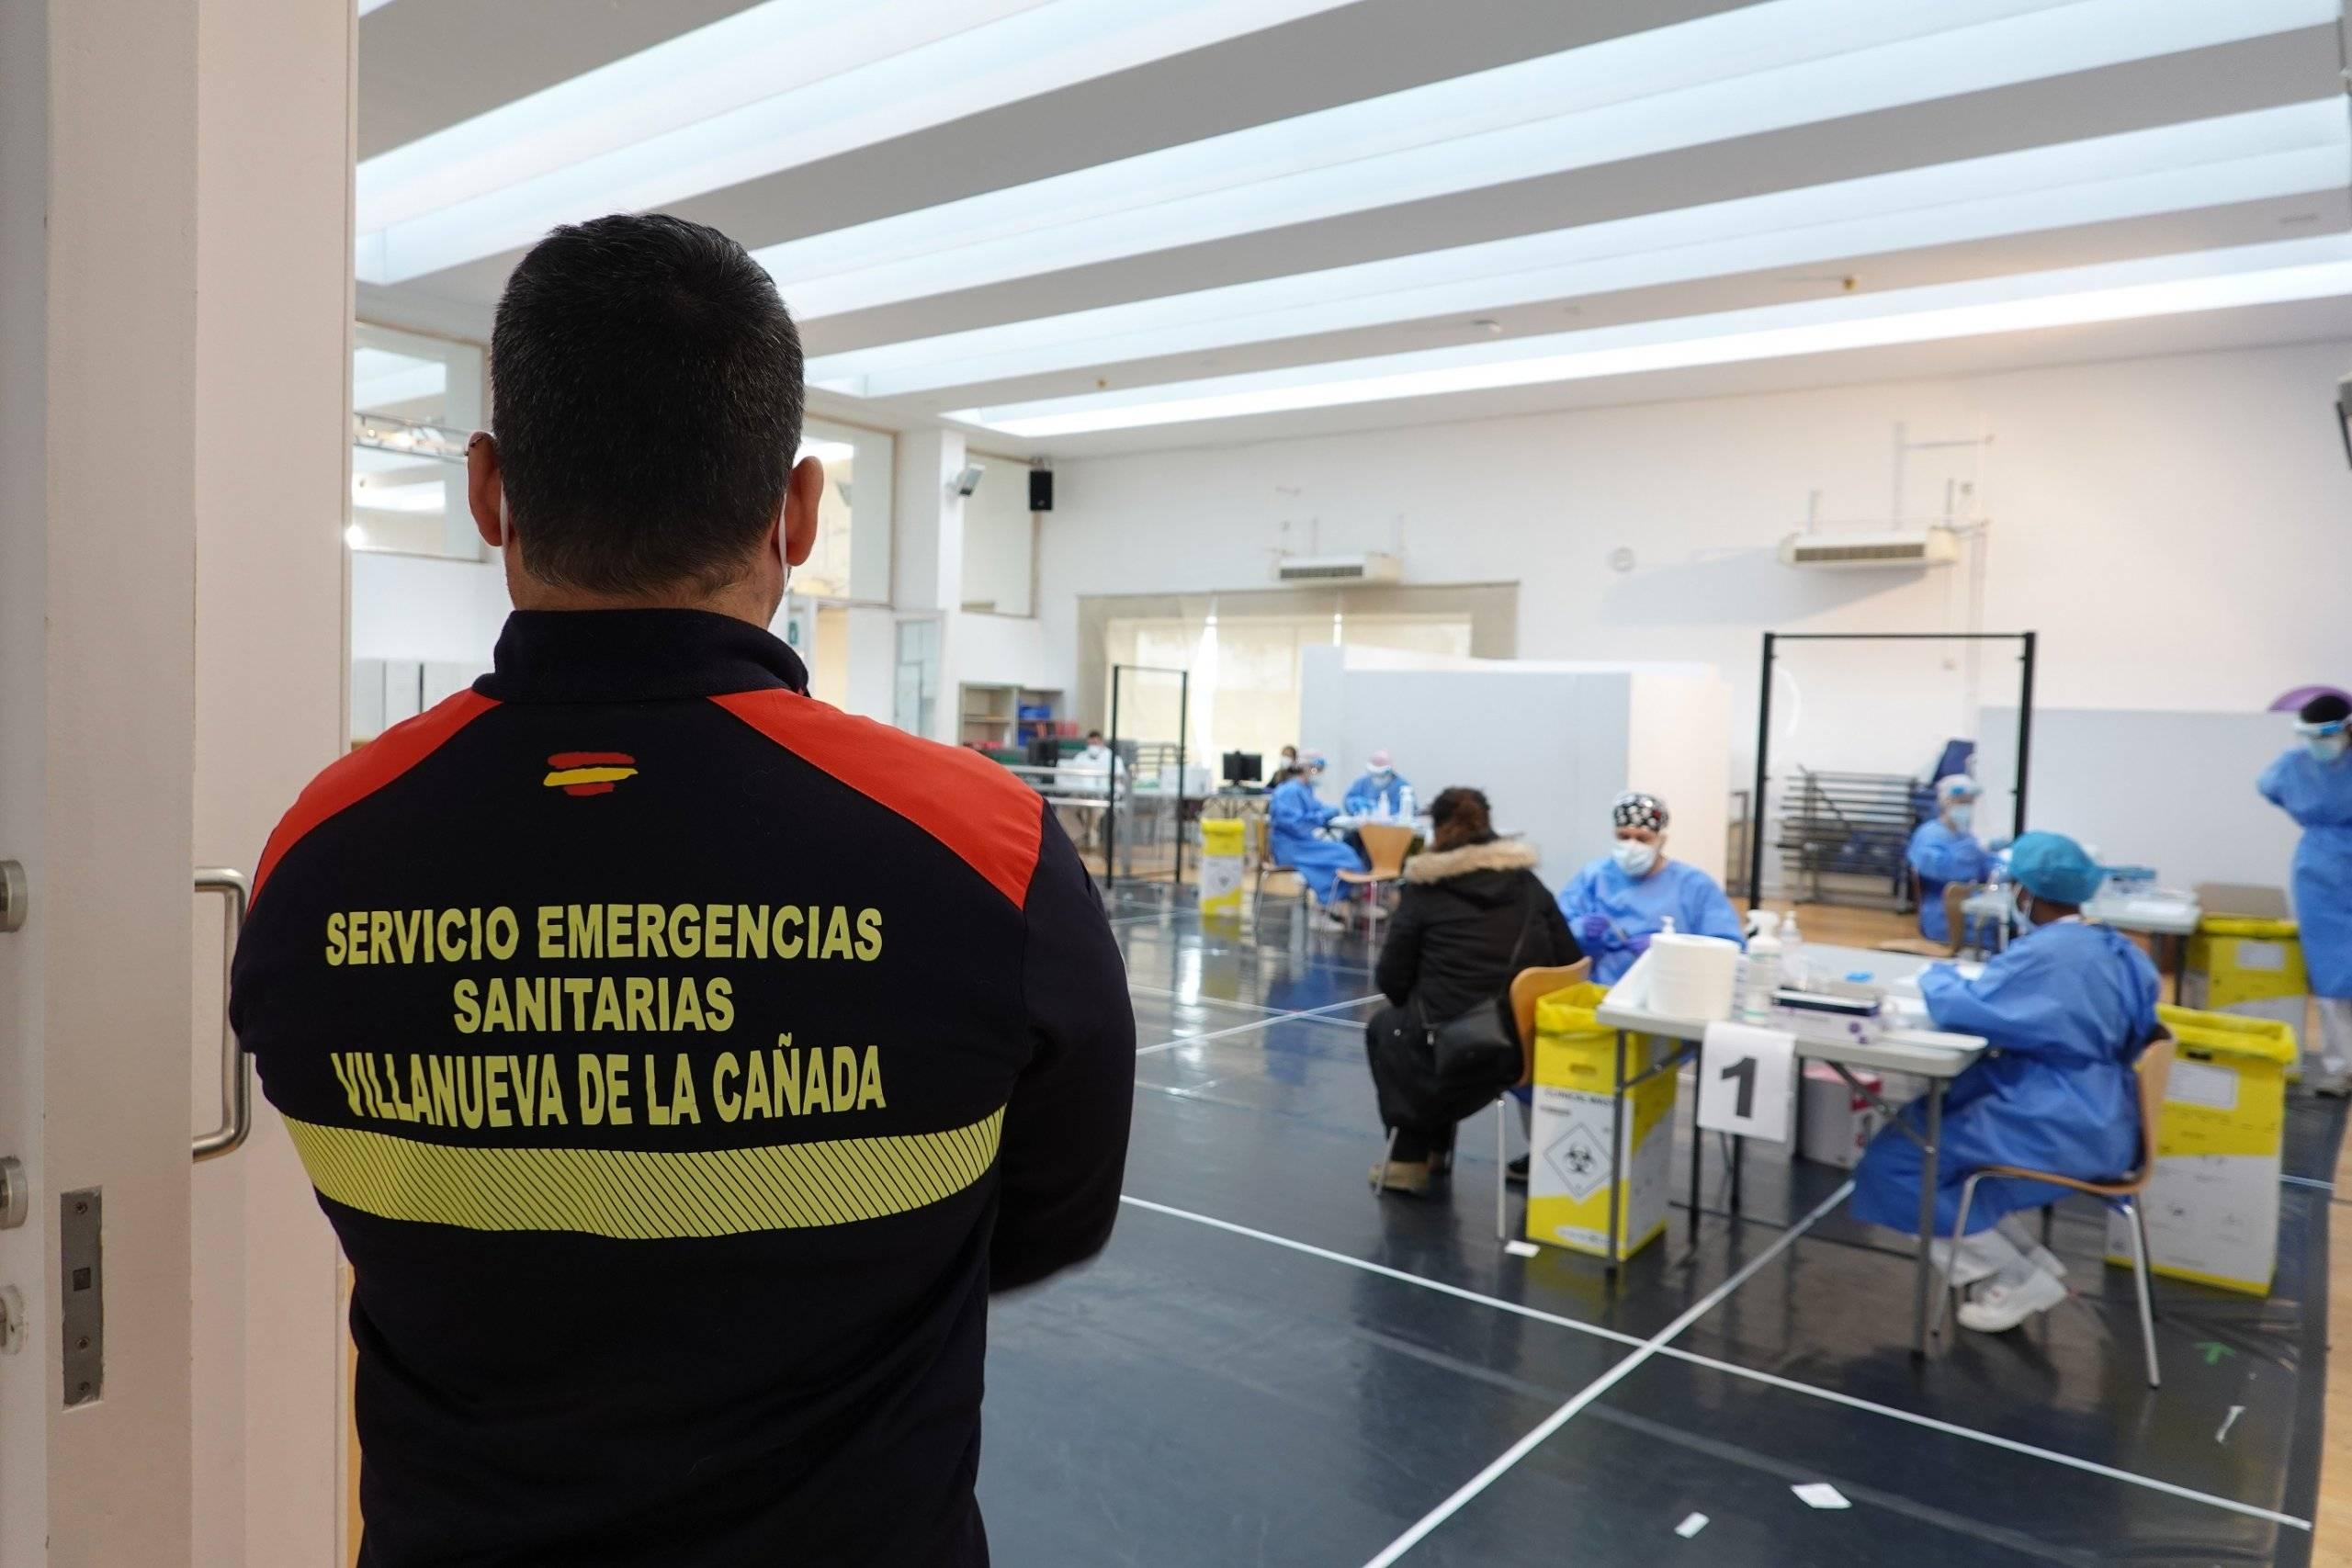 Miembros del Servicio de Emergencias Sanitarias también han estado presentes durante las pruebas.